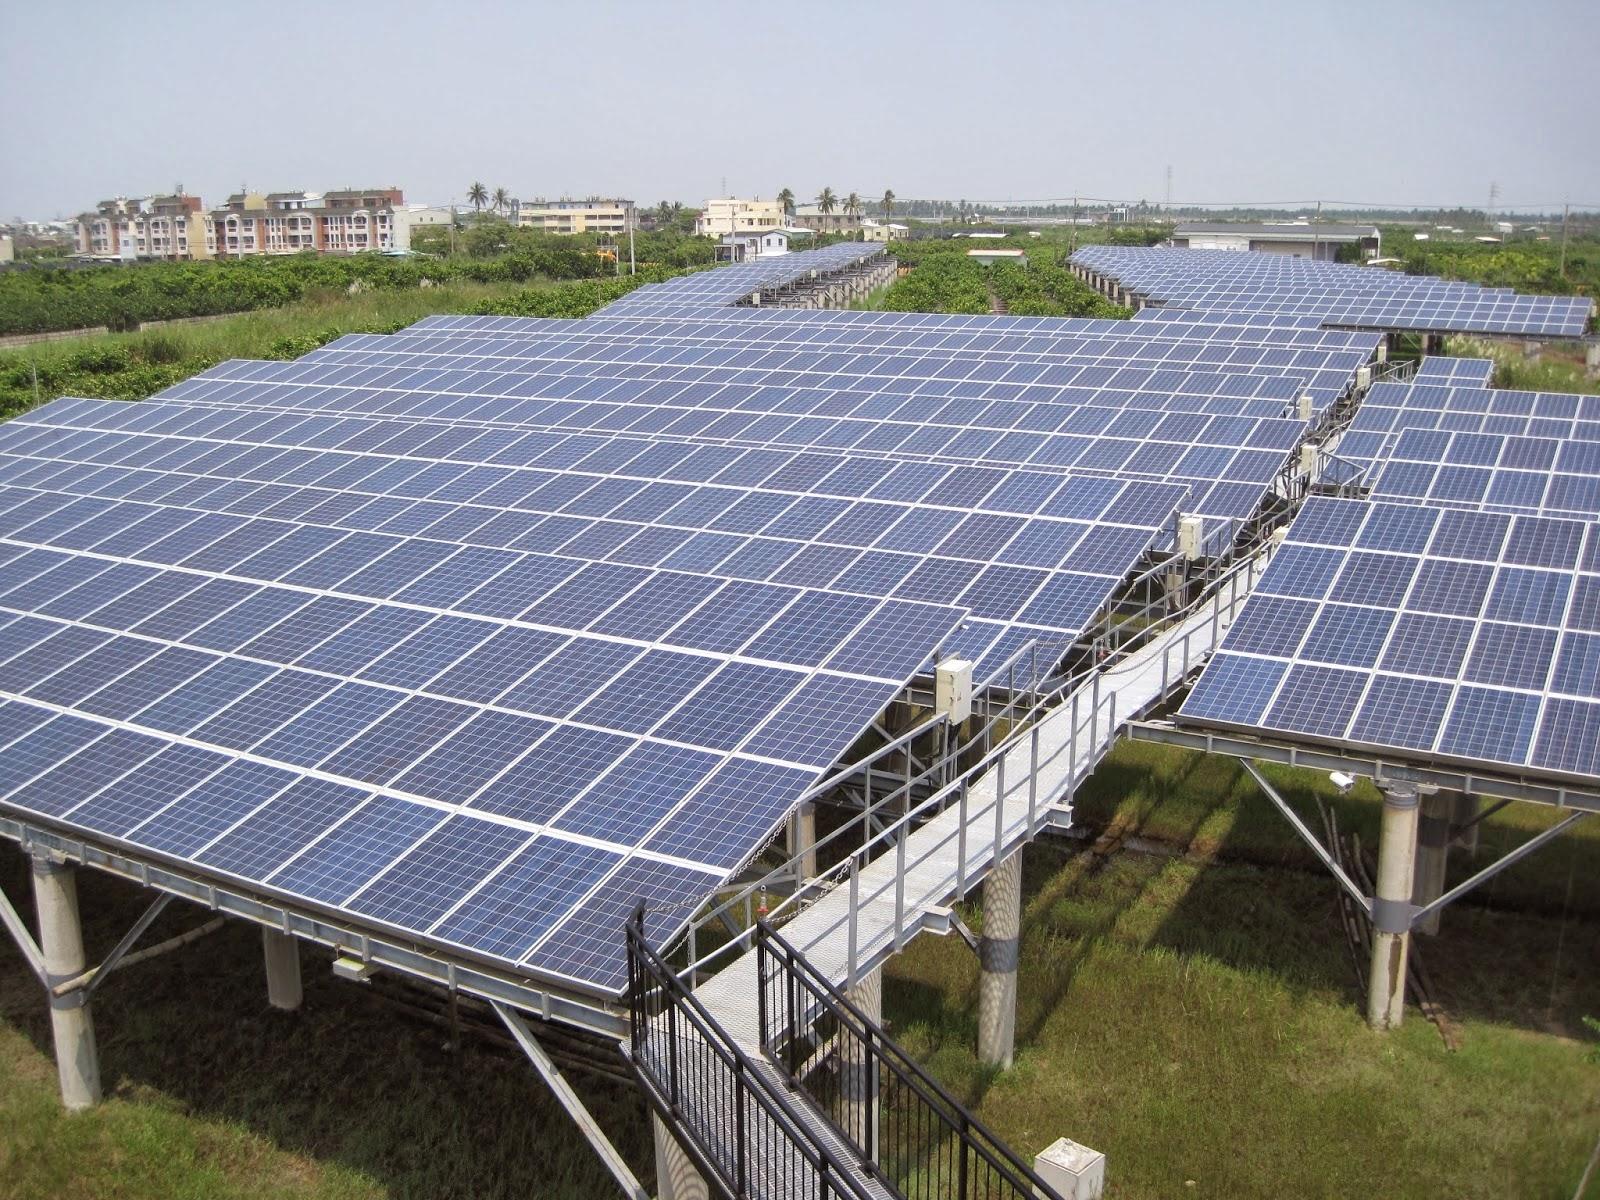 苗栗農地買賣資訊網: 農地上蓋太陽能收租計畫- 到底可以賺多少錢呢